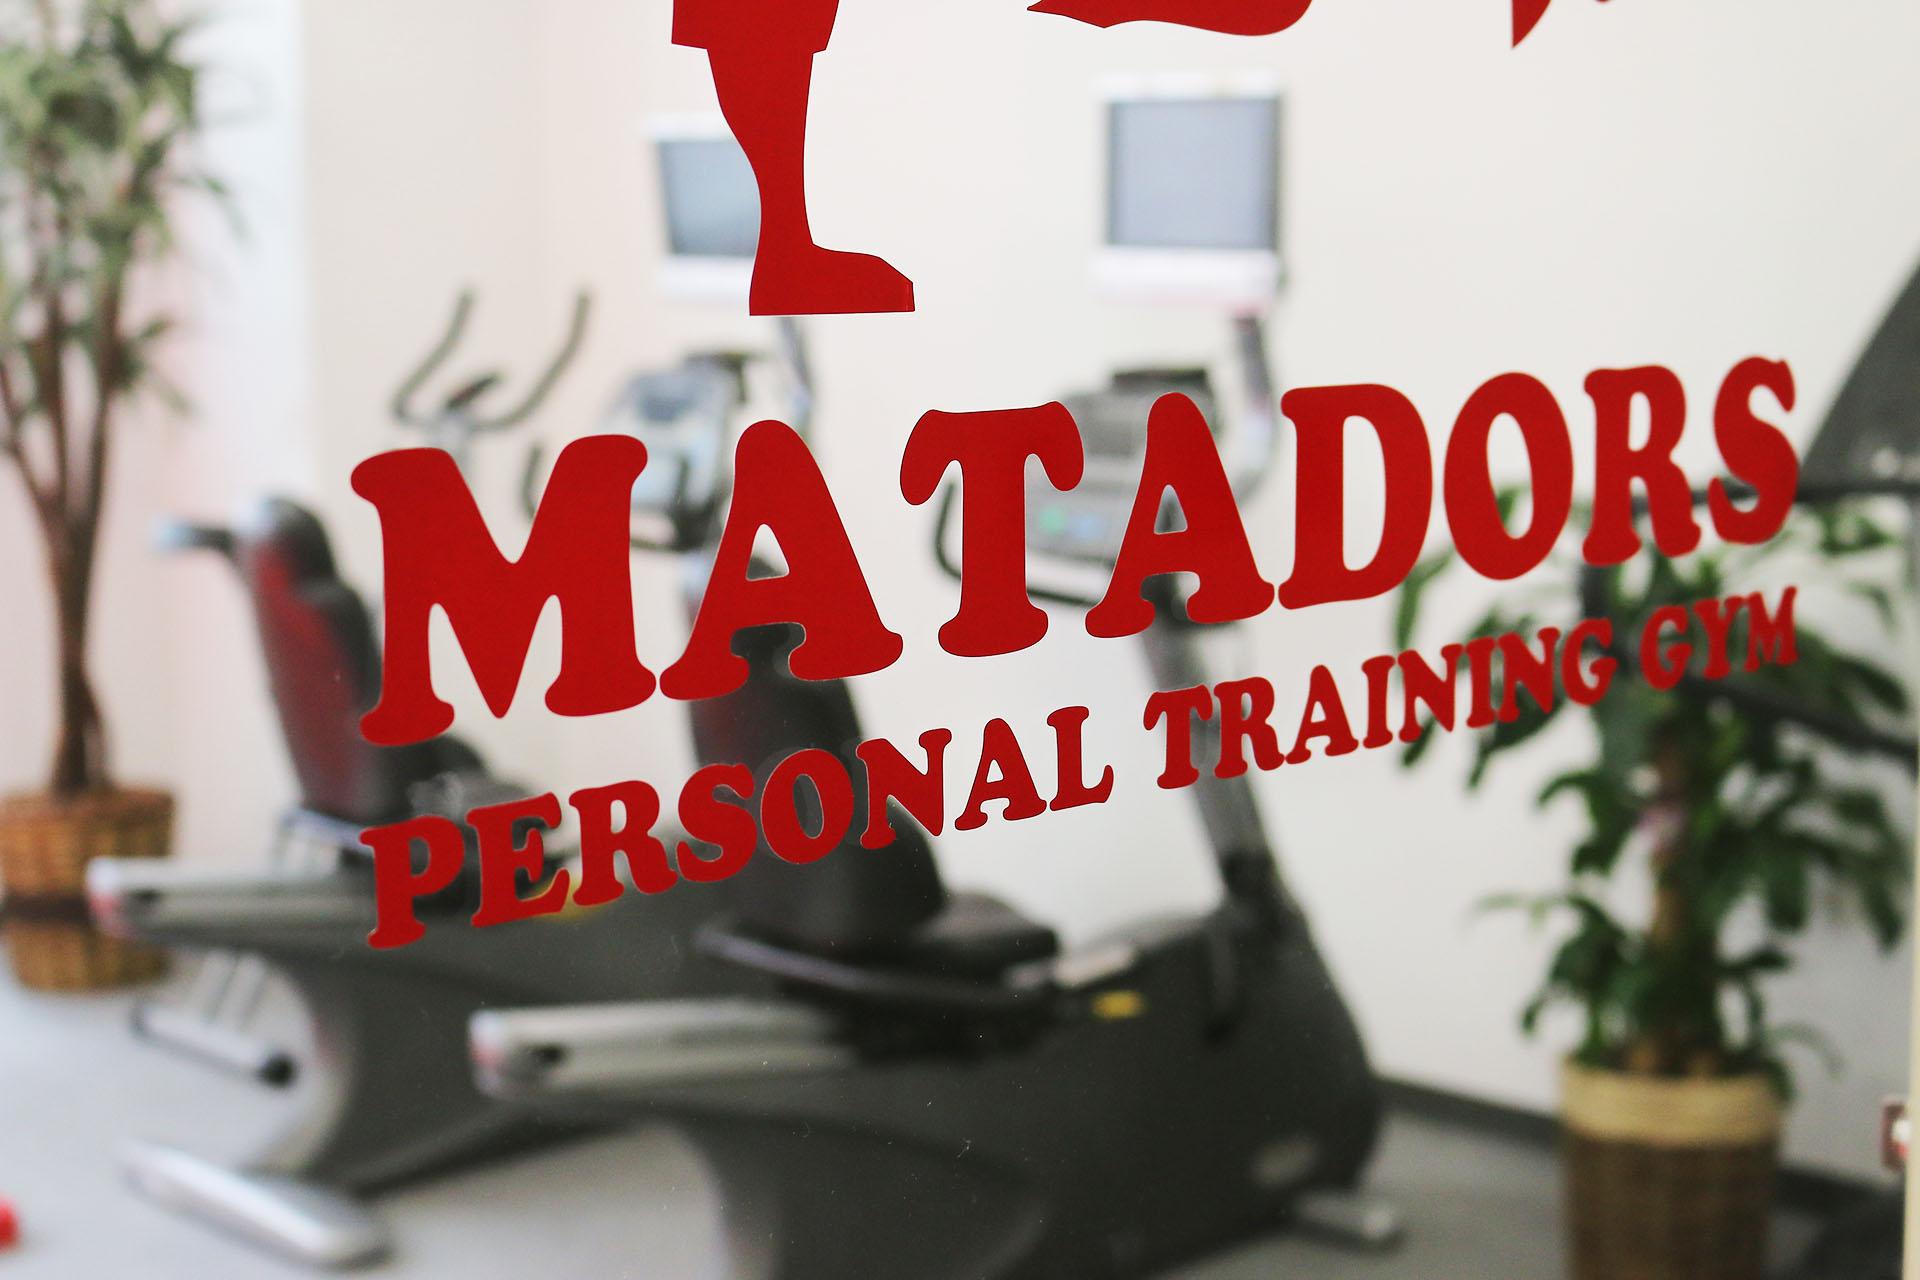 パーソナルトレーナー、パーソナルトレーニング、名古屋、栄、伏見、覚王山、東京、田端、荒川、